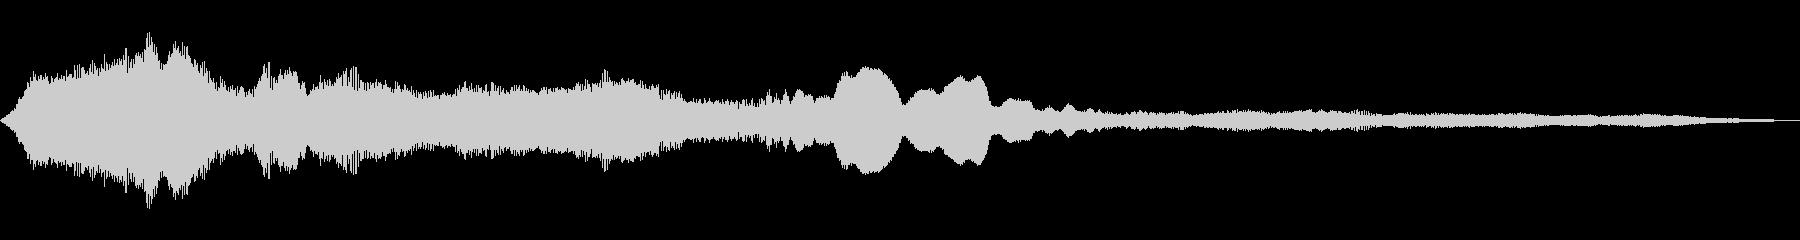 ドラマチックな金属アンサンブルの未再生の波形